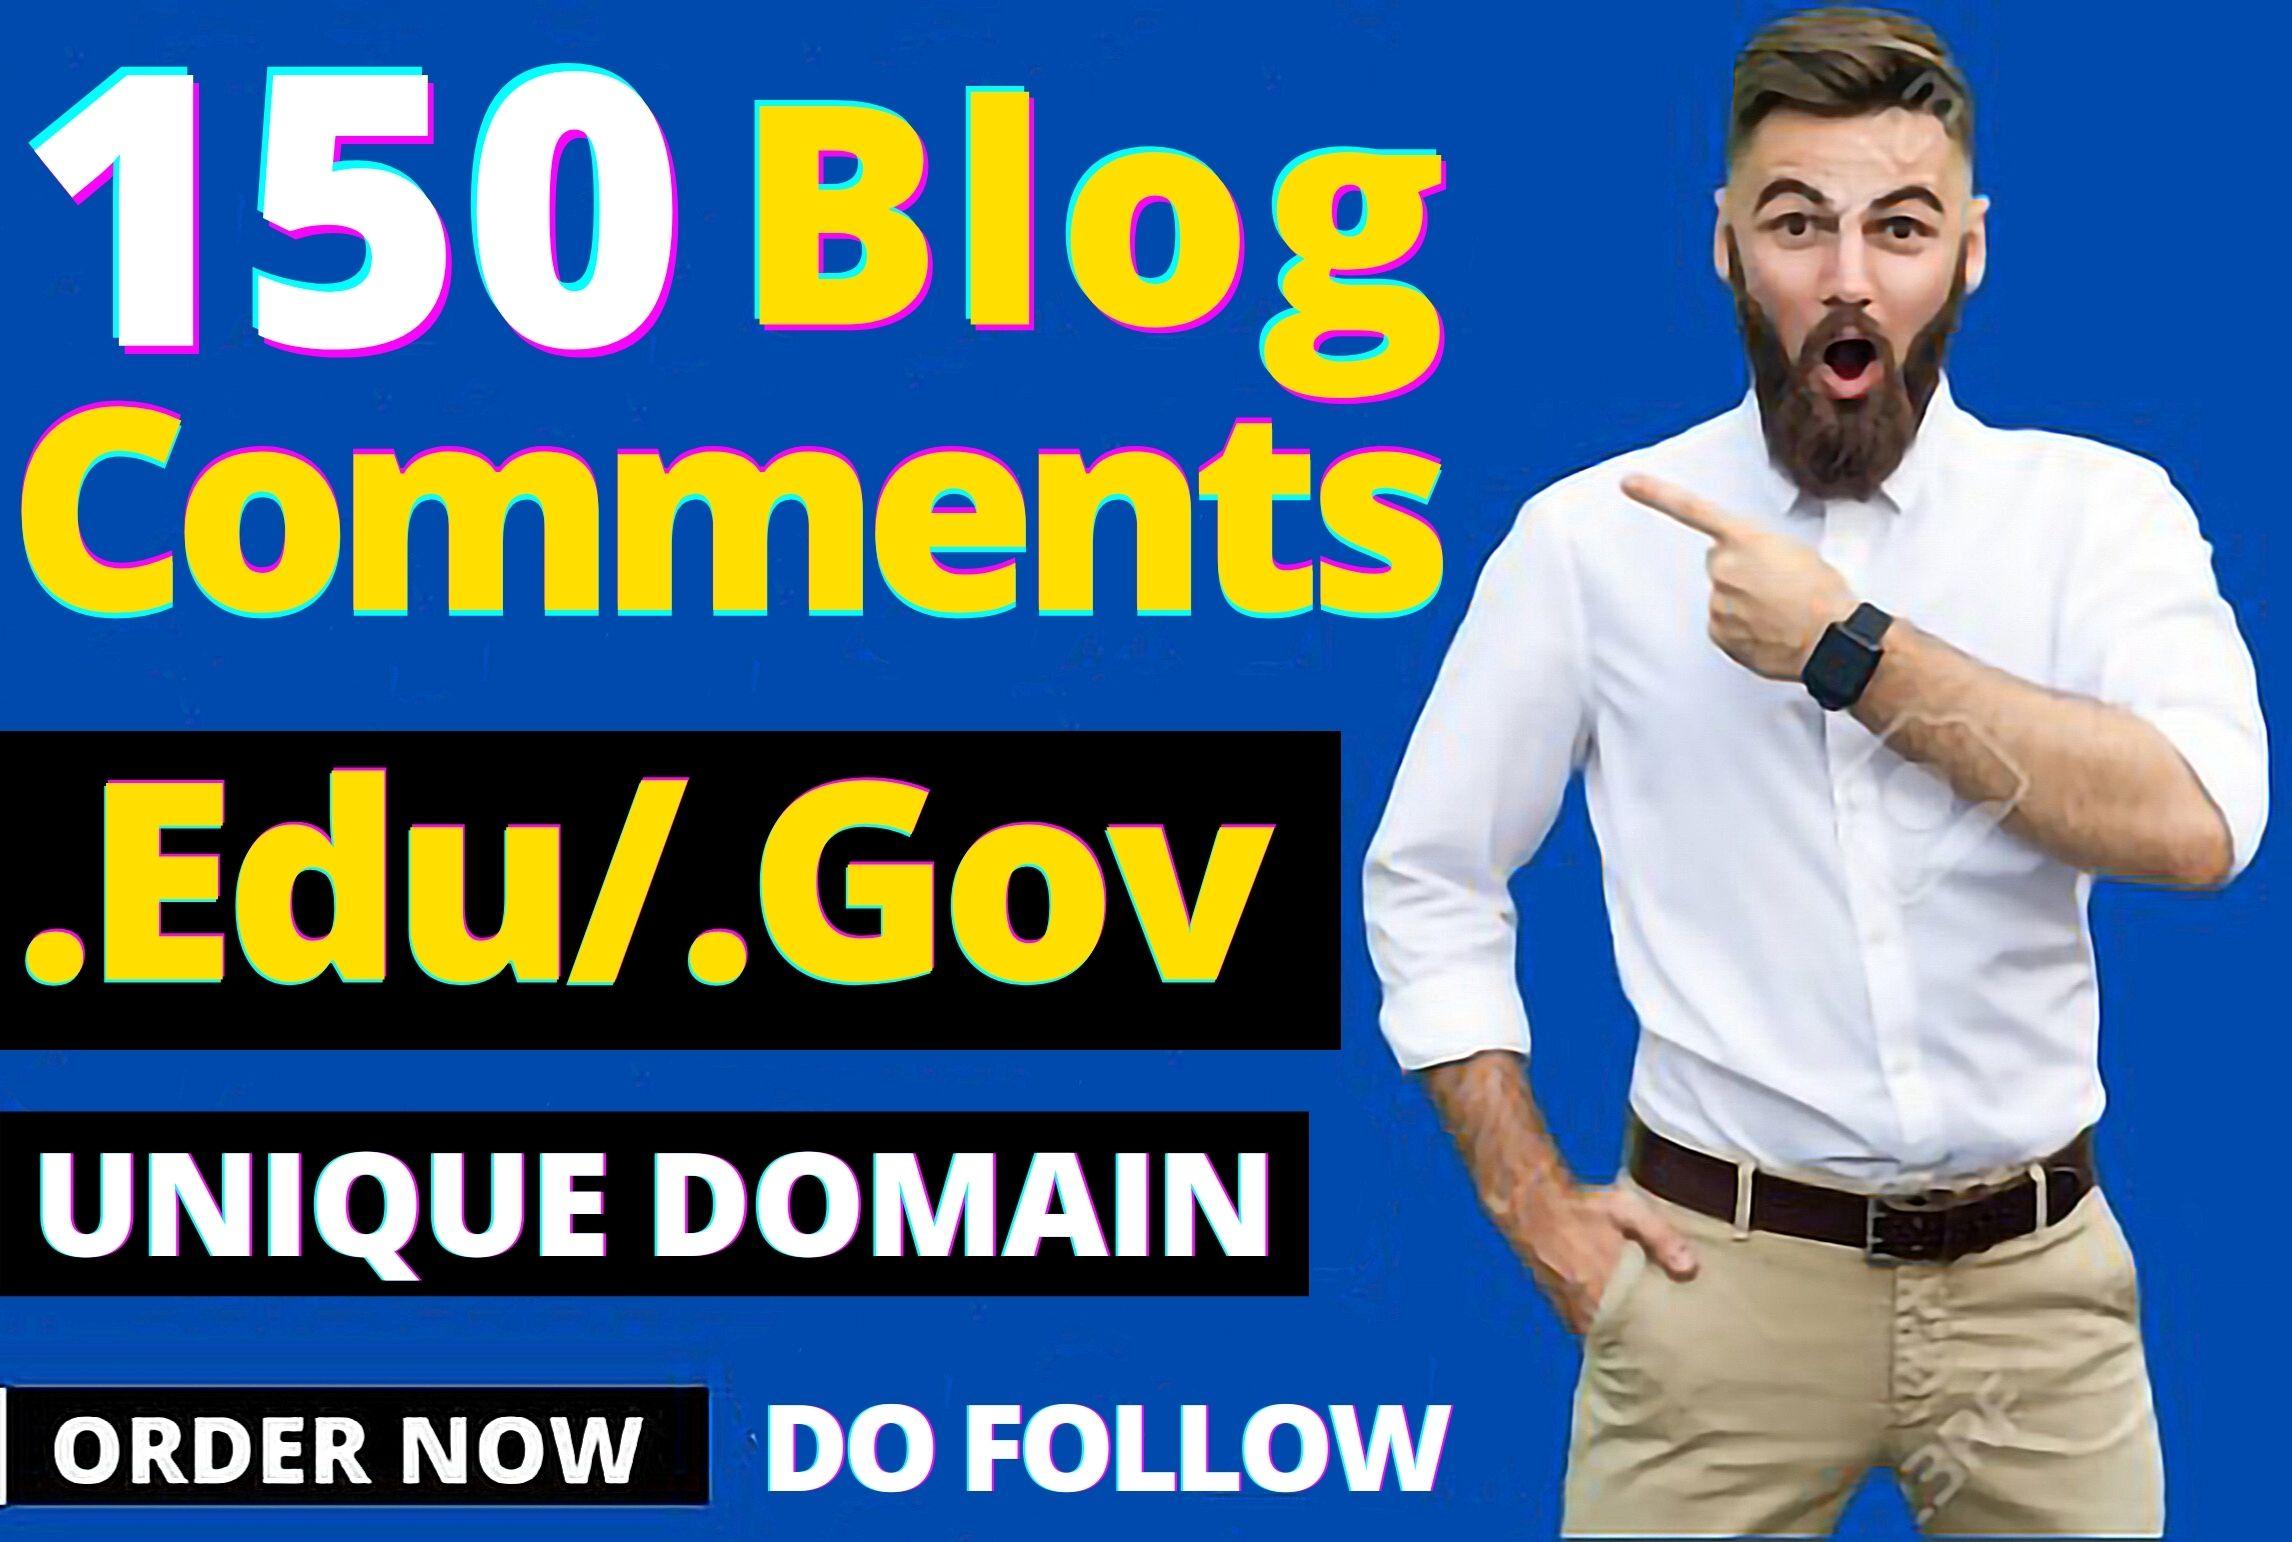 150 Pr9 EDU GOV Blog comments backlinks for SEO google ranking